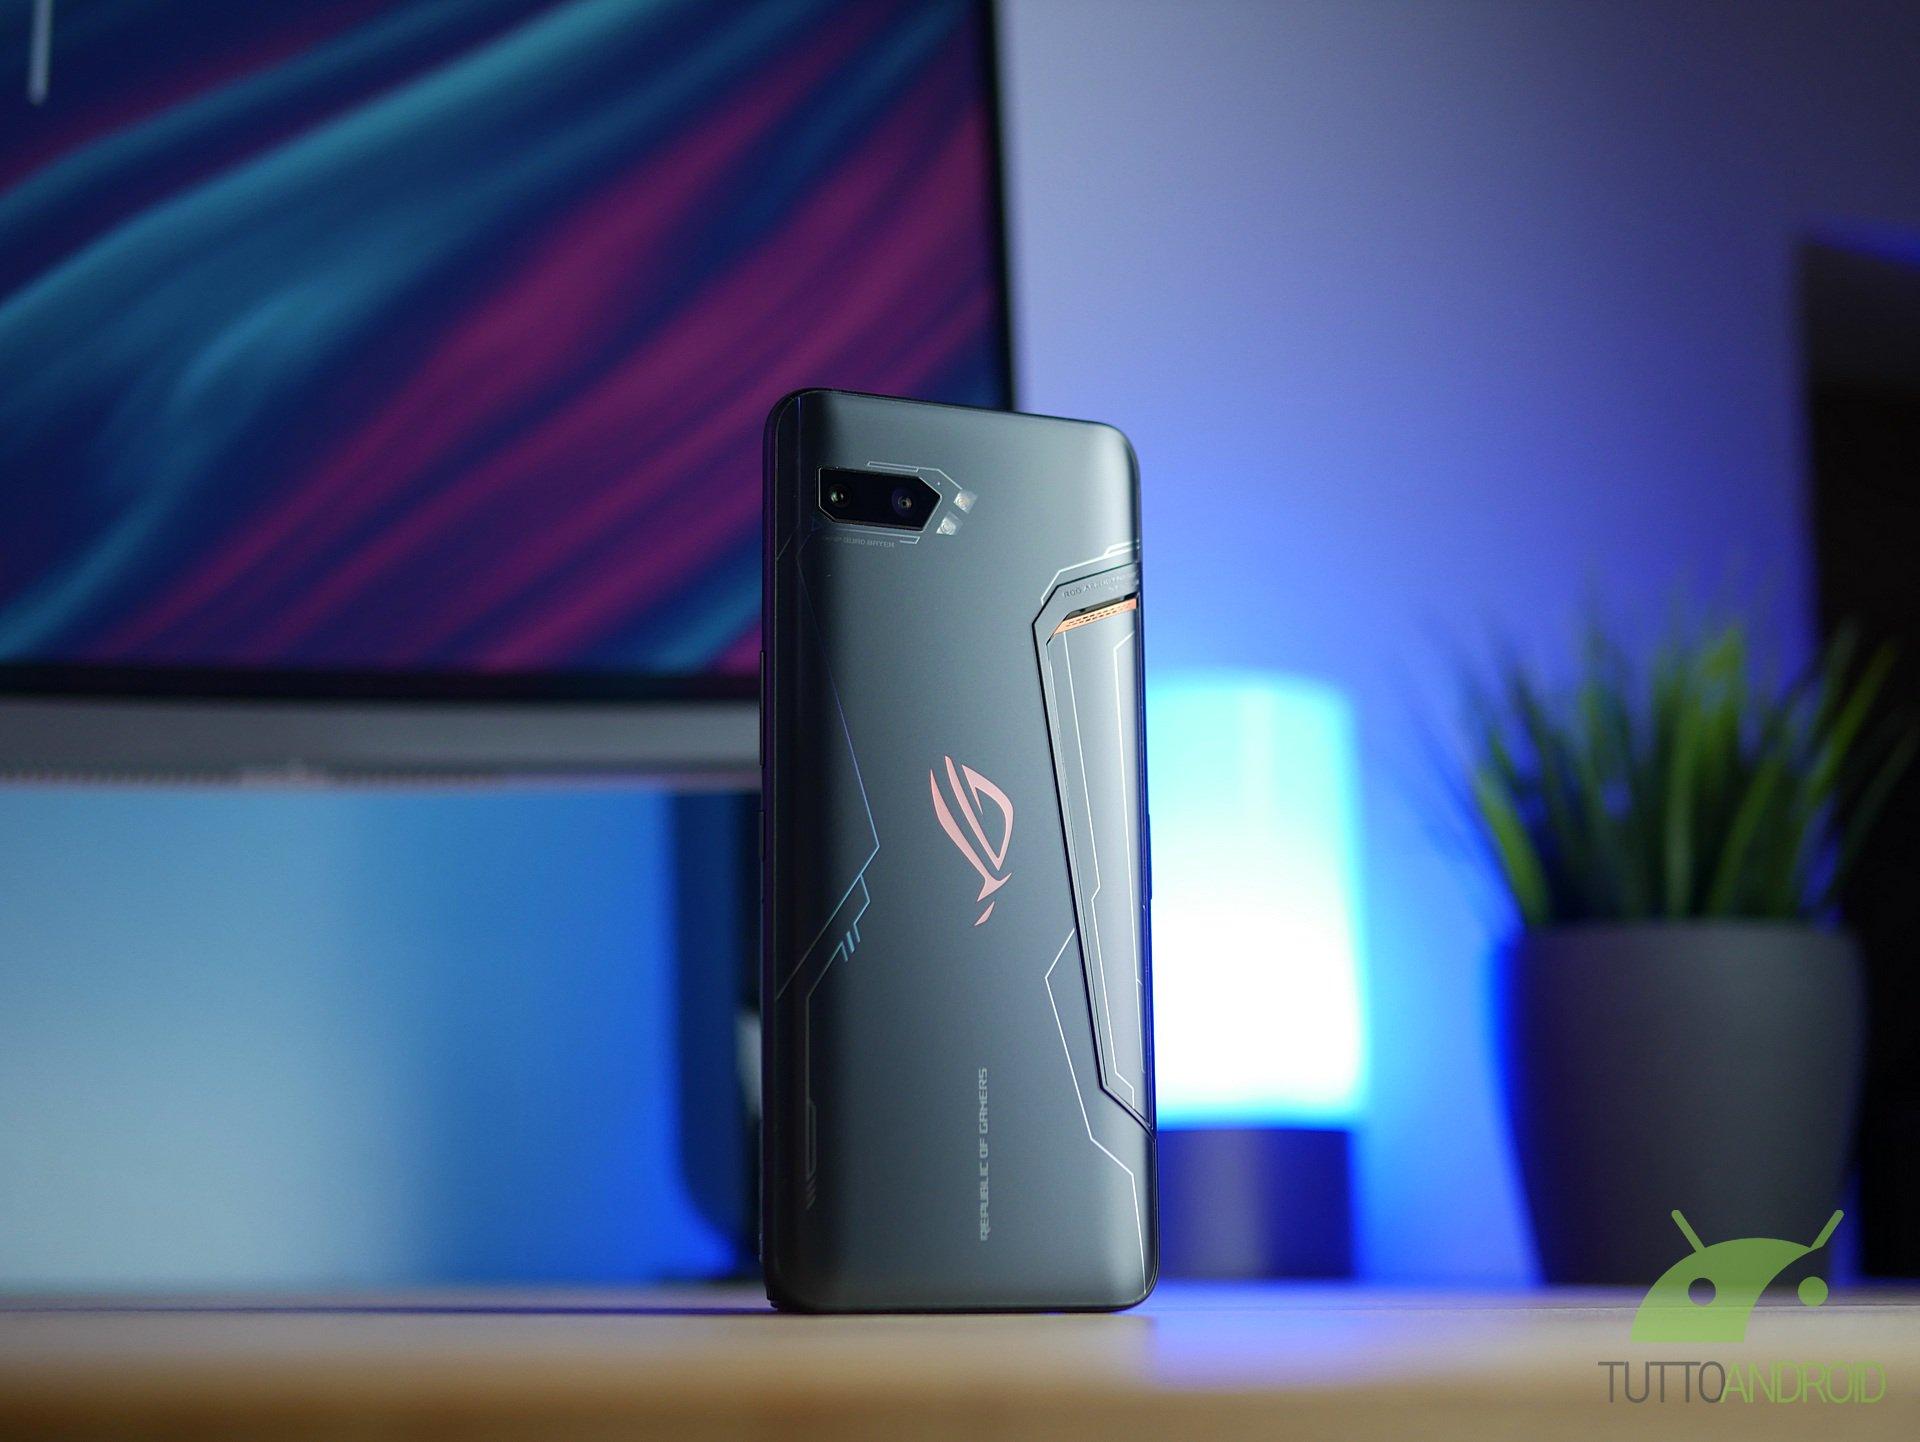 Tinjau ASUS ROG Phone 2: teknik dan substansi membuatnya mendominasi 4